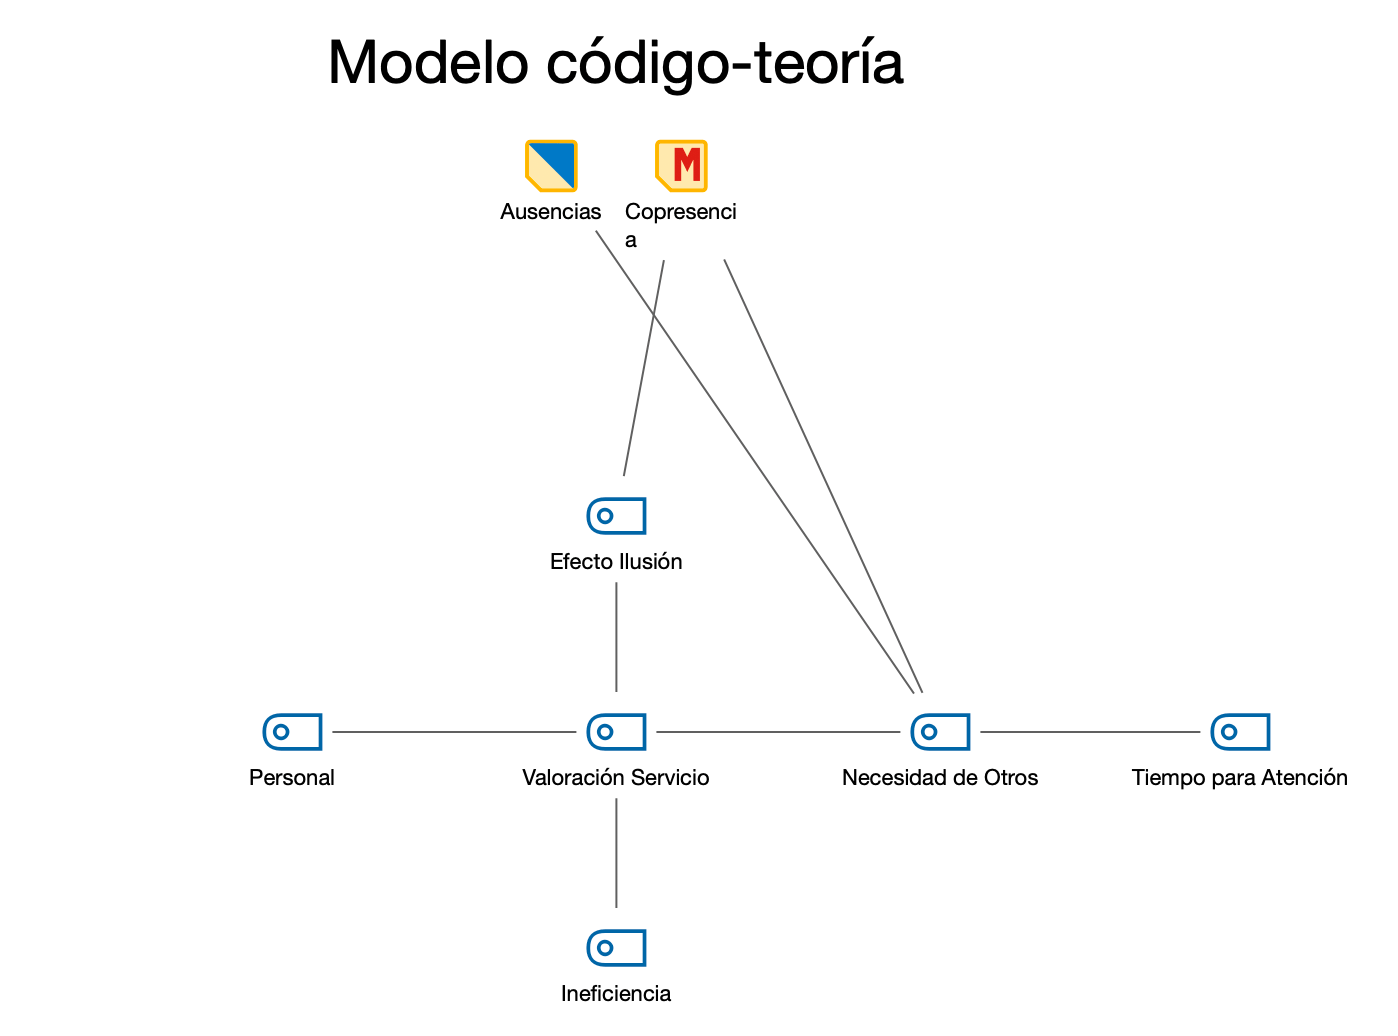 Modelo código-teoría con integración de subcódigos en dos niveles.